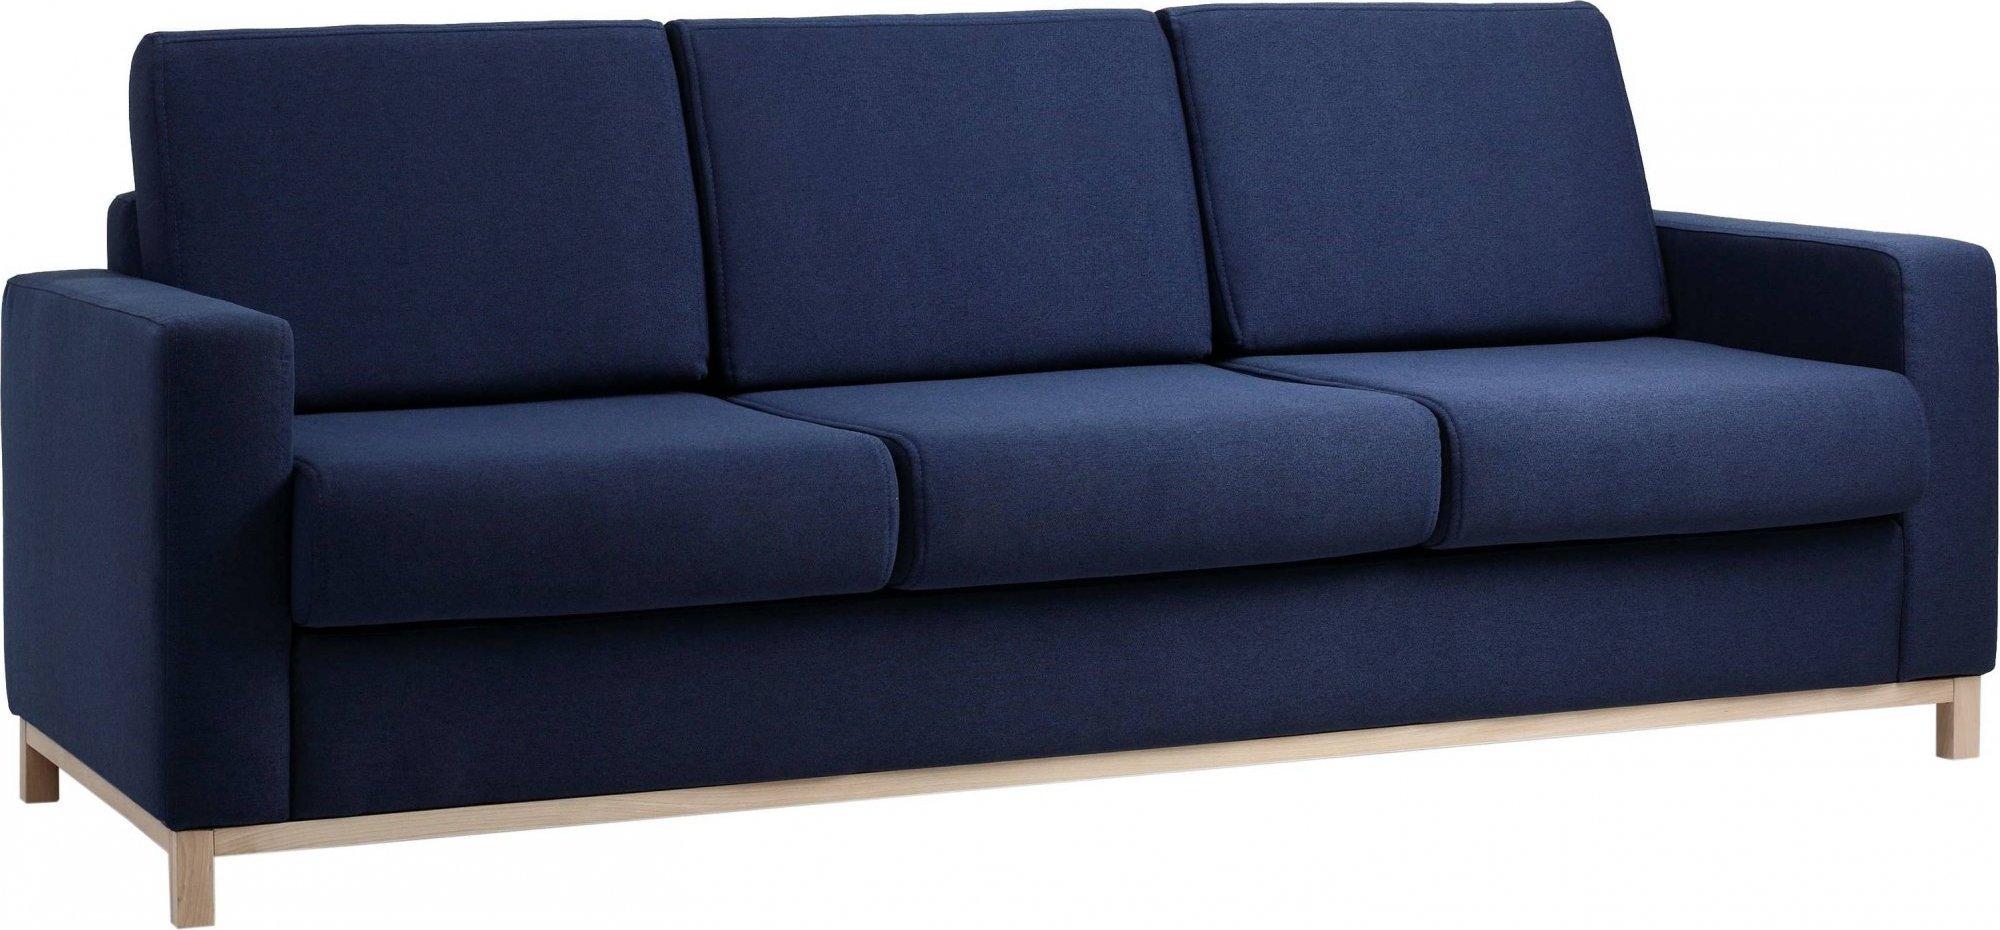 Canapé-lit 3 places tissu bleu h47cm